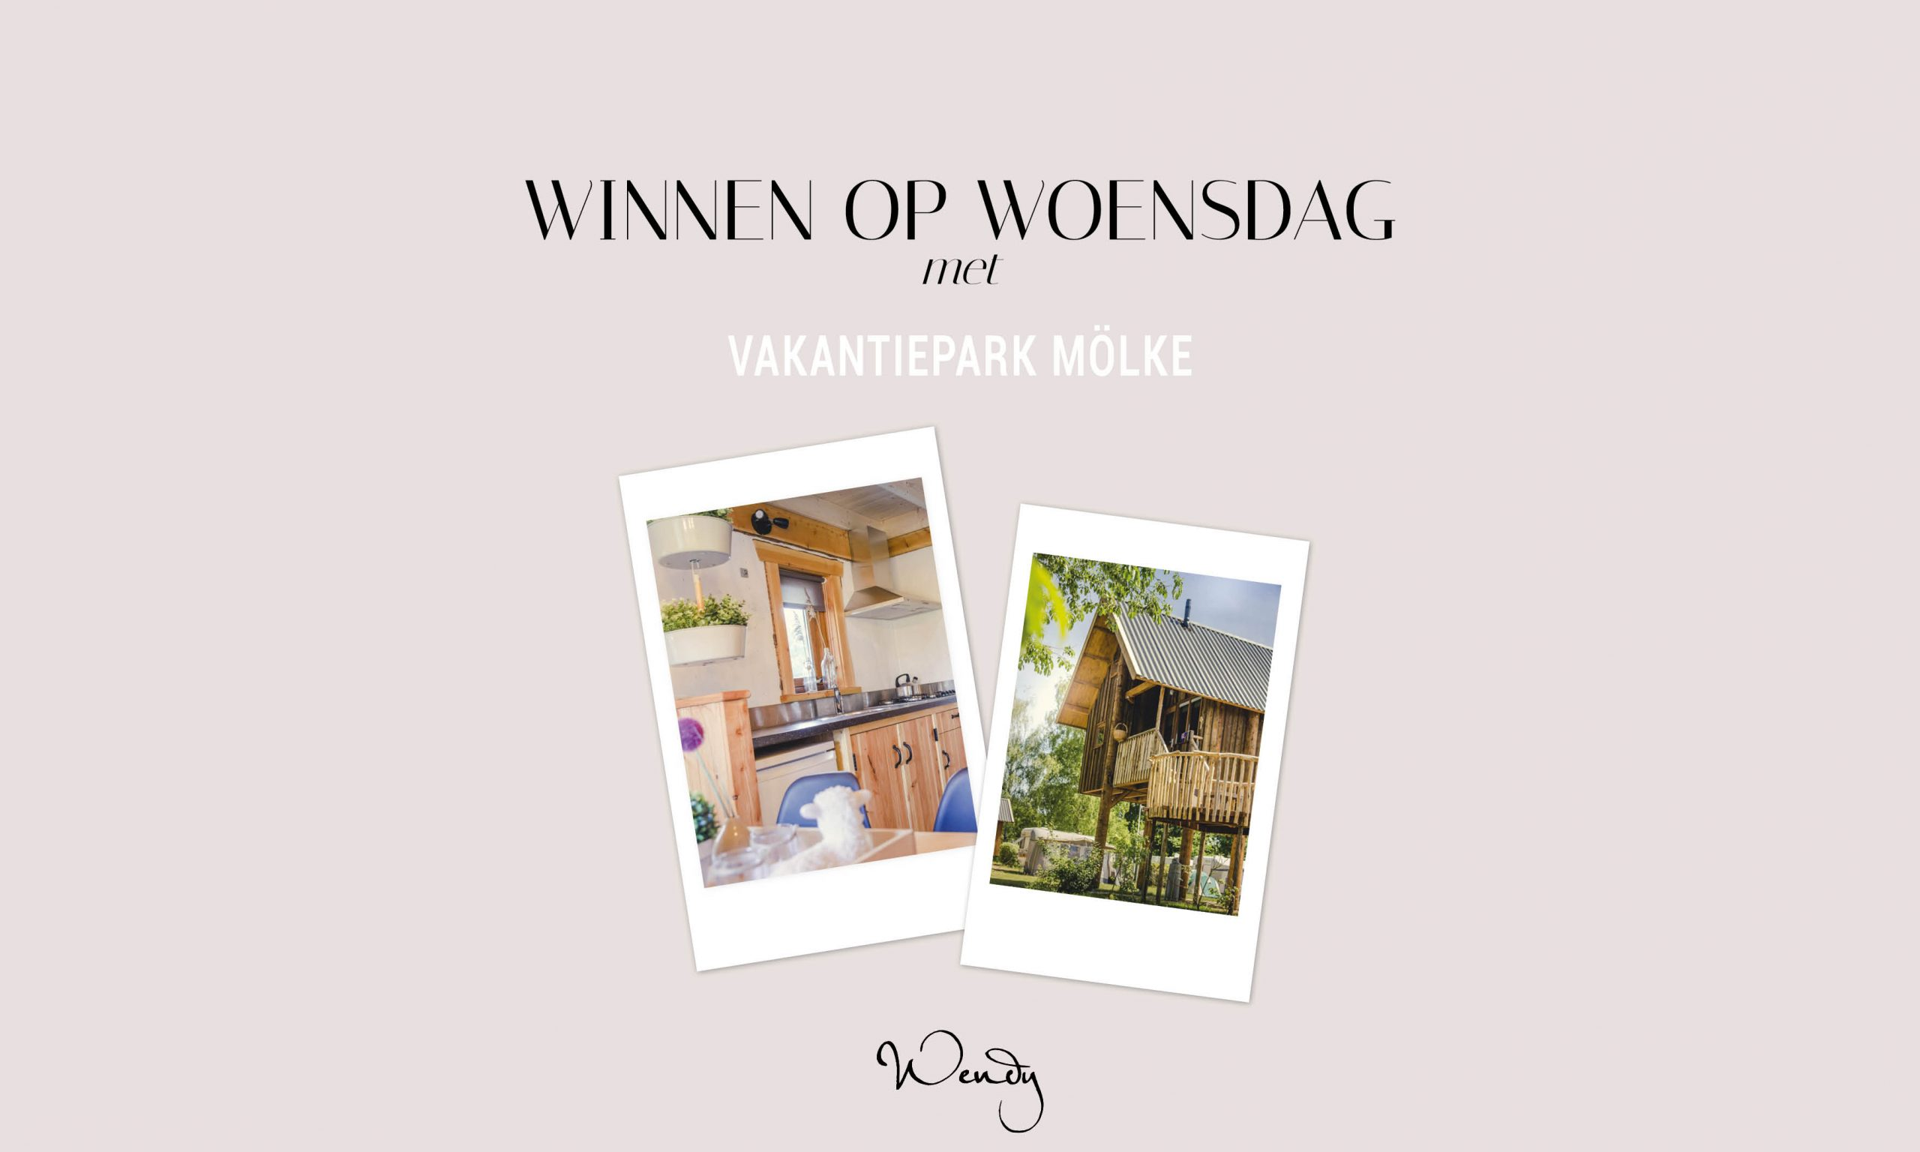 GOEDE HEADER scaled Winnen op woensdag: win een overnachting in een knusse boomhut op vakantiepark Mölke!